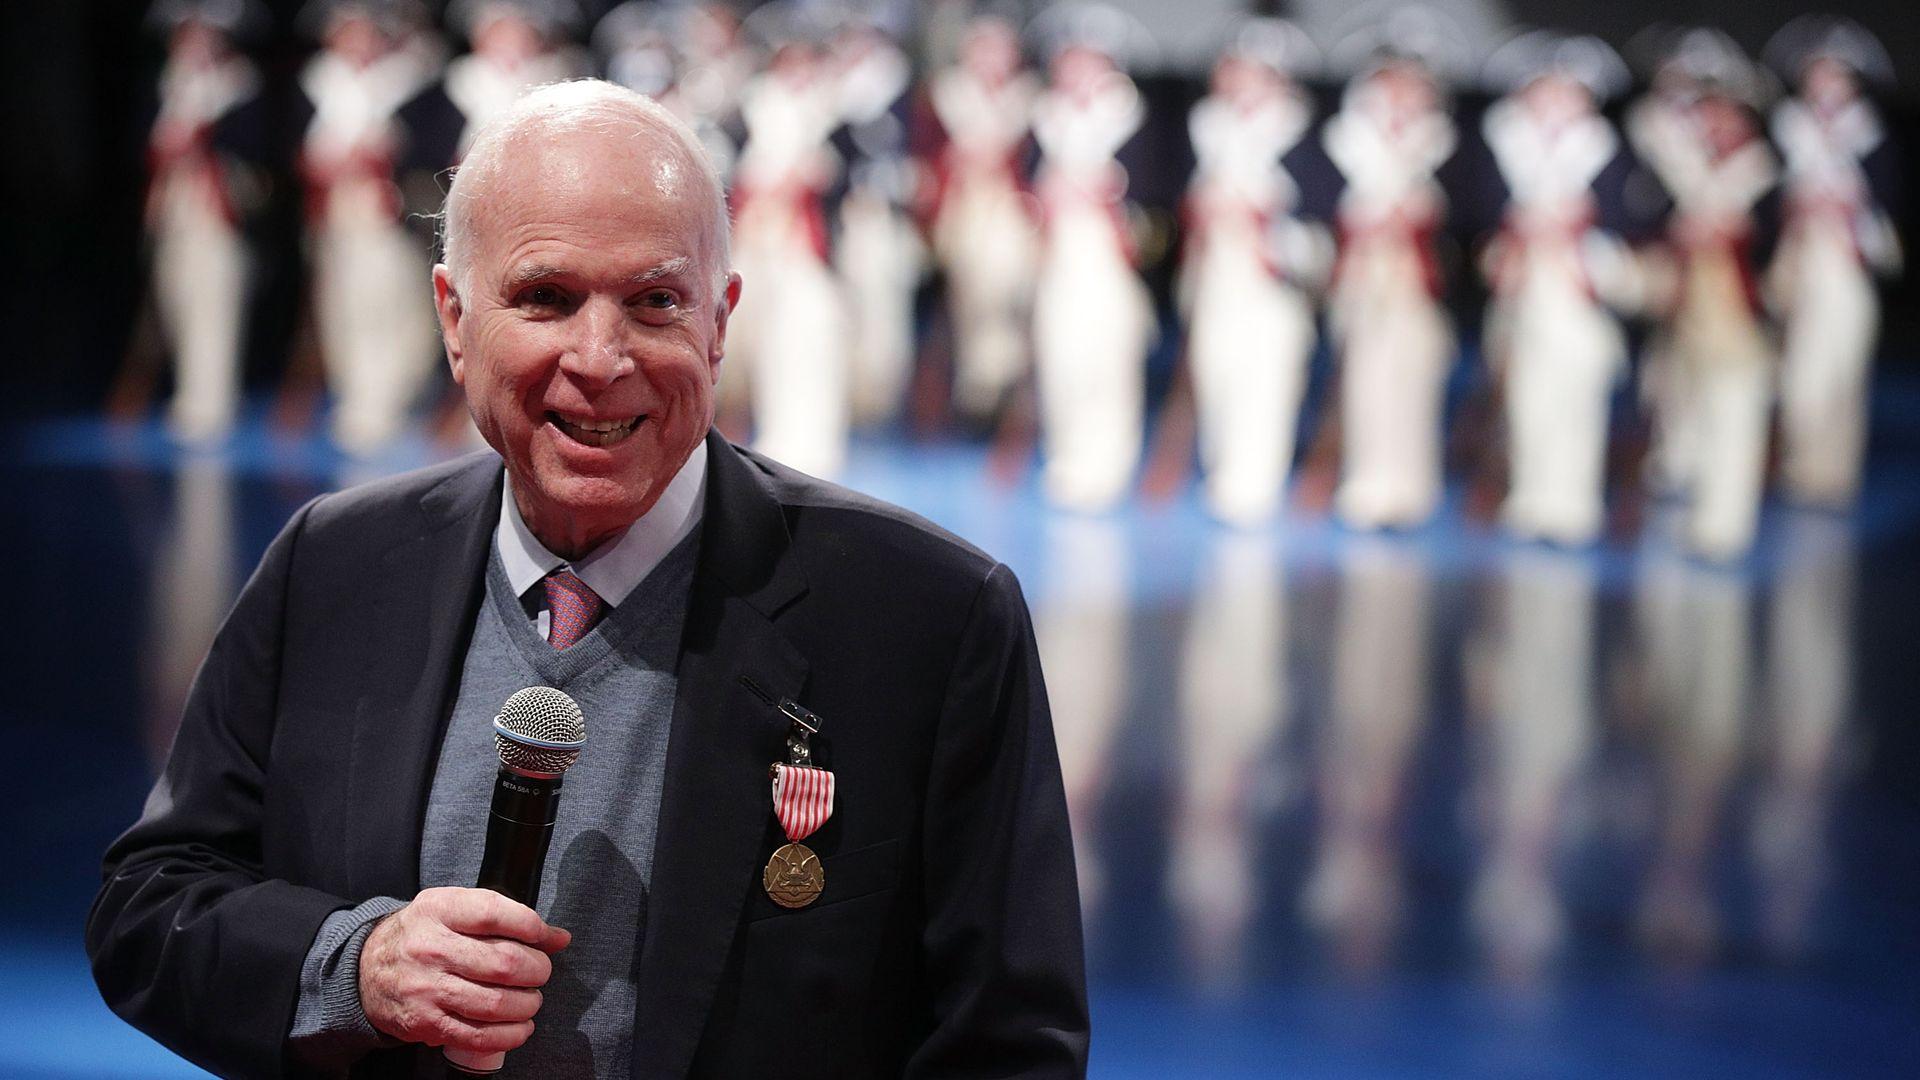 John McCain speaking